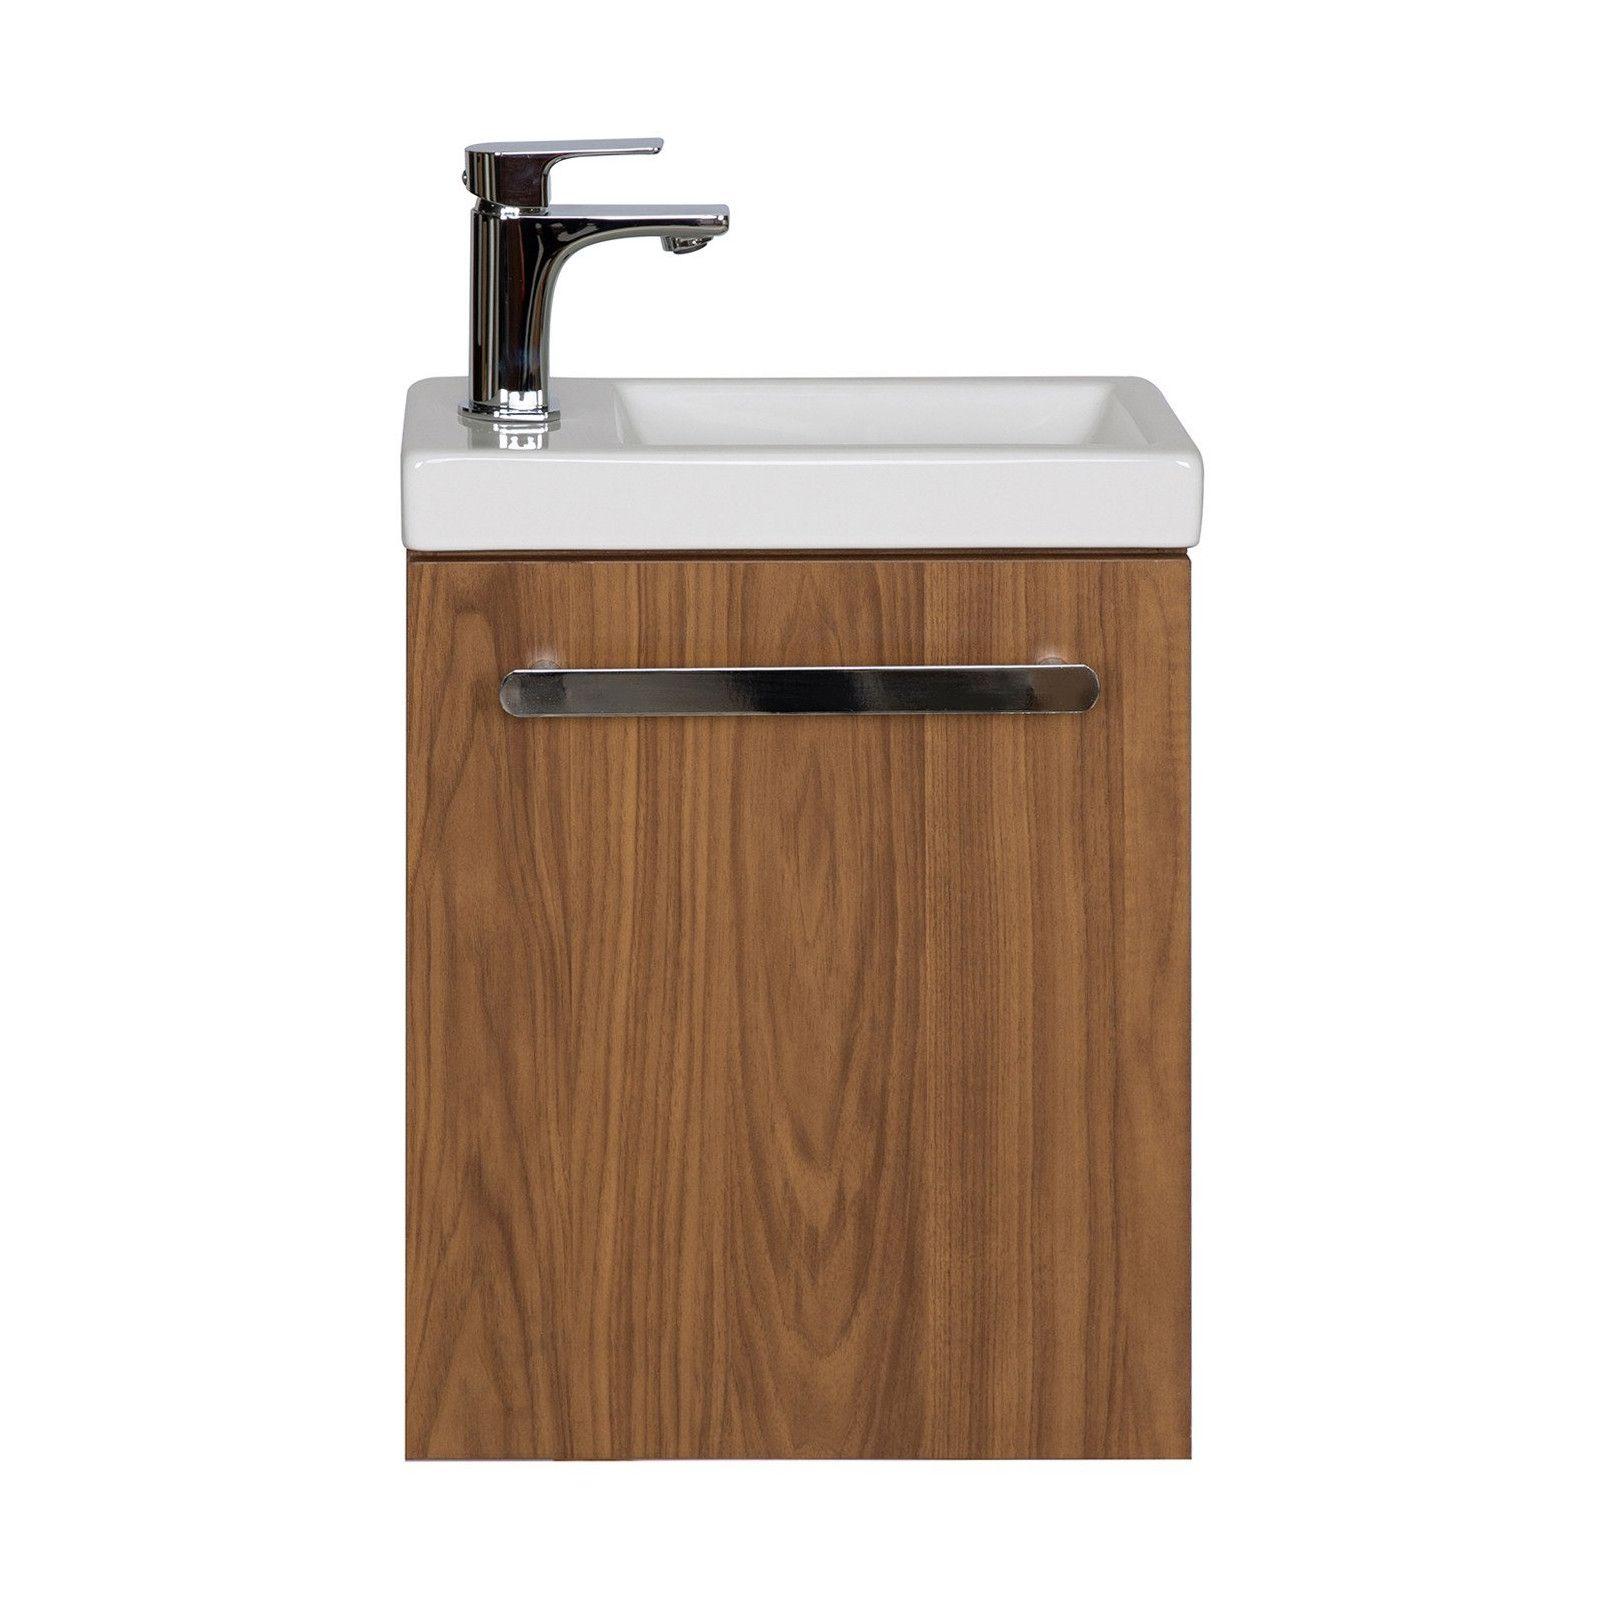 Lave-mains NEVADA avec vasque céramique L 41 x H 53 x P 21,5 cm